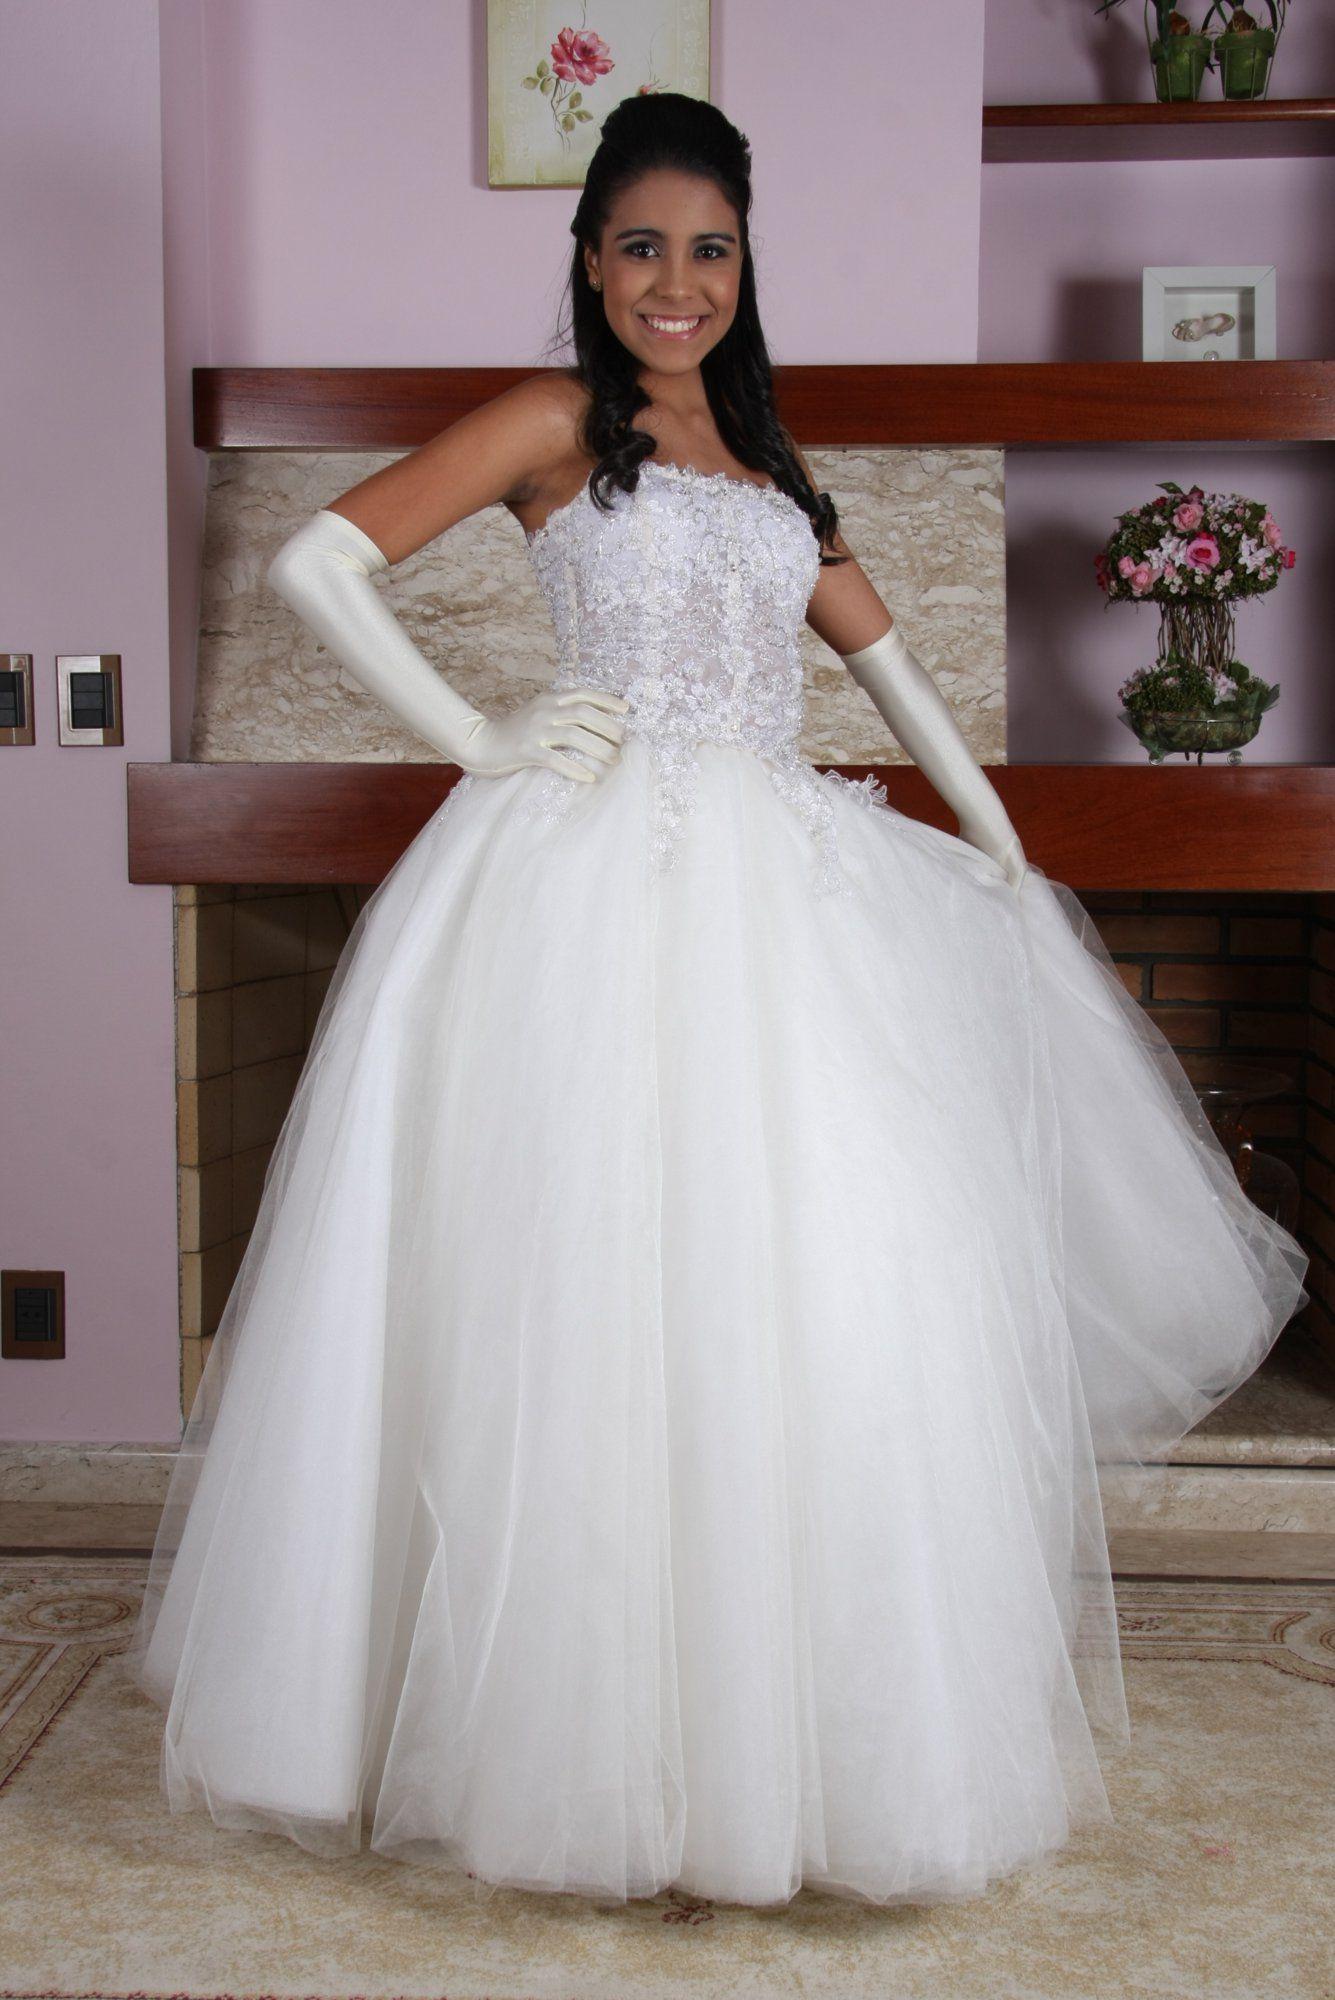 Vestido de Debutante Branco - 9 - Hipnose Alta Costura e Spa para Noivas e Noivos - Campinas - SP Vestido de Debutante, Vestido de Debutante Branco, Hipnose Alta Costura